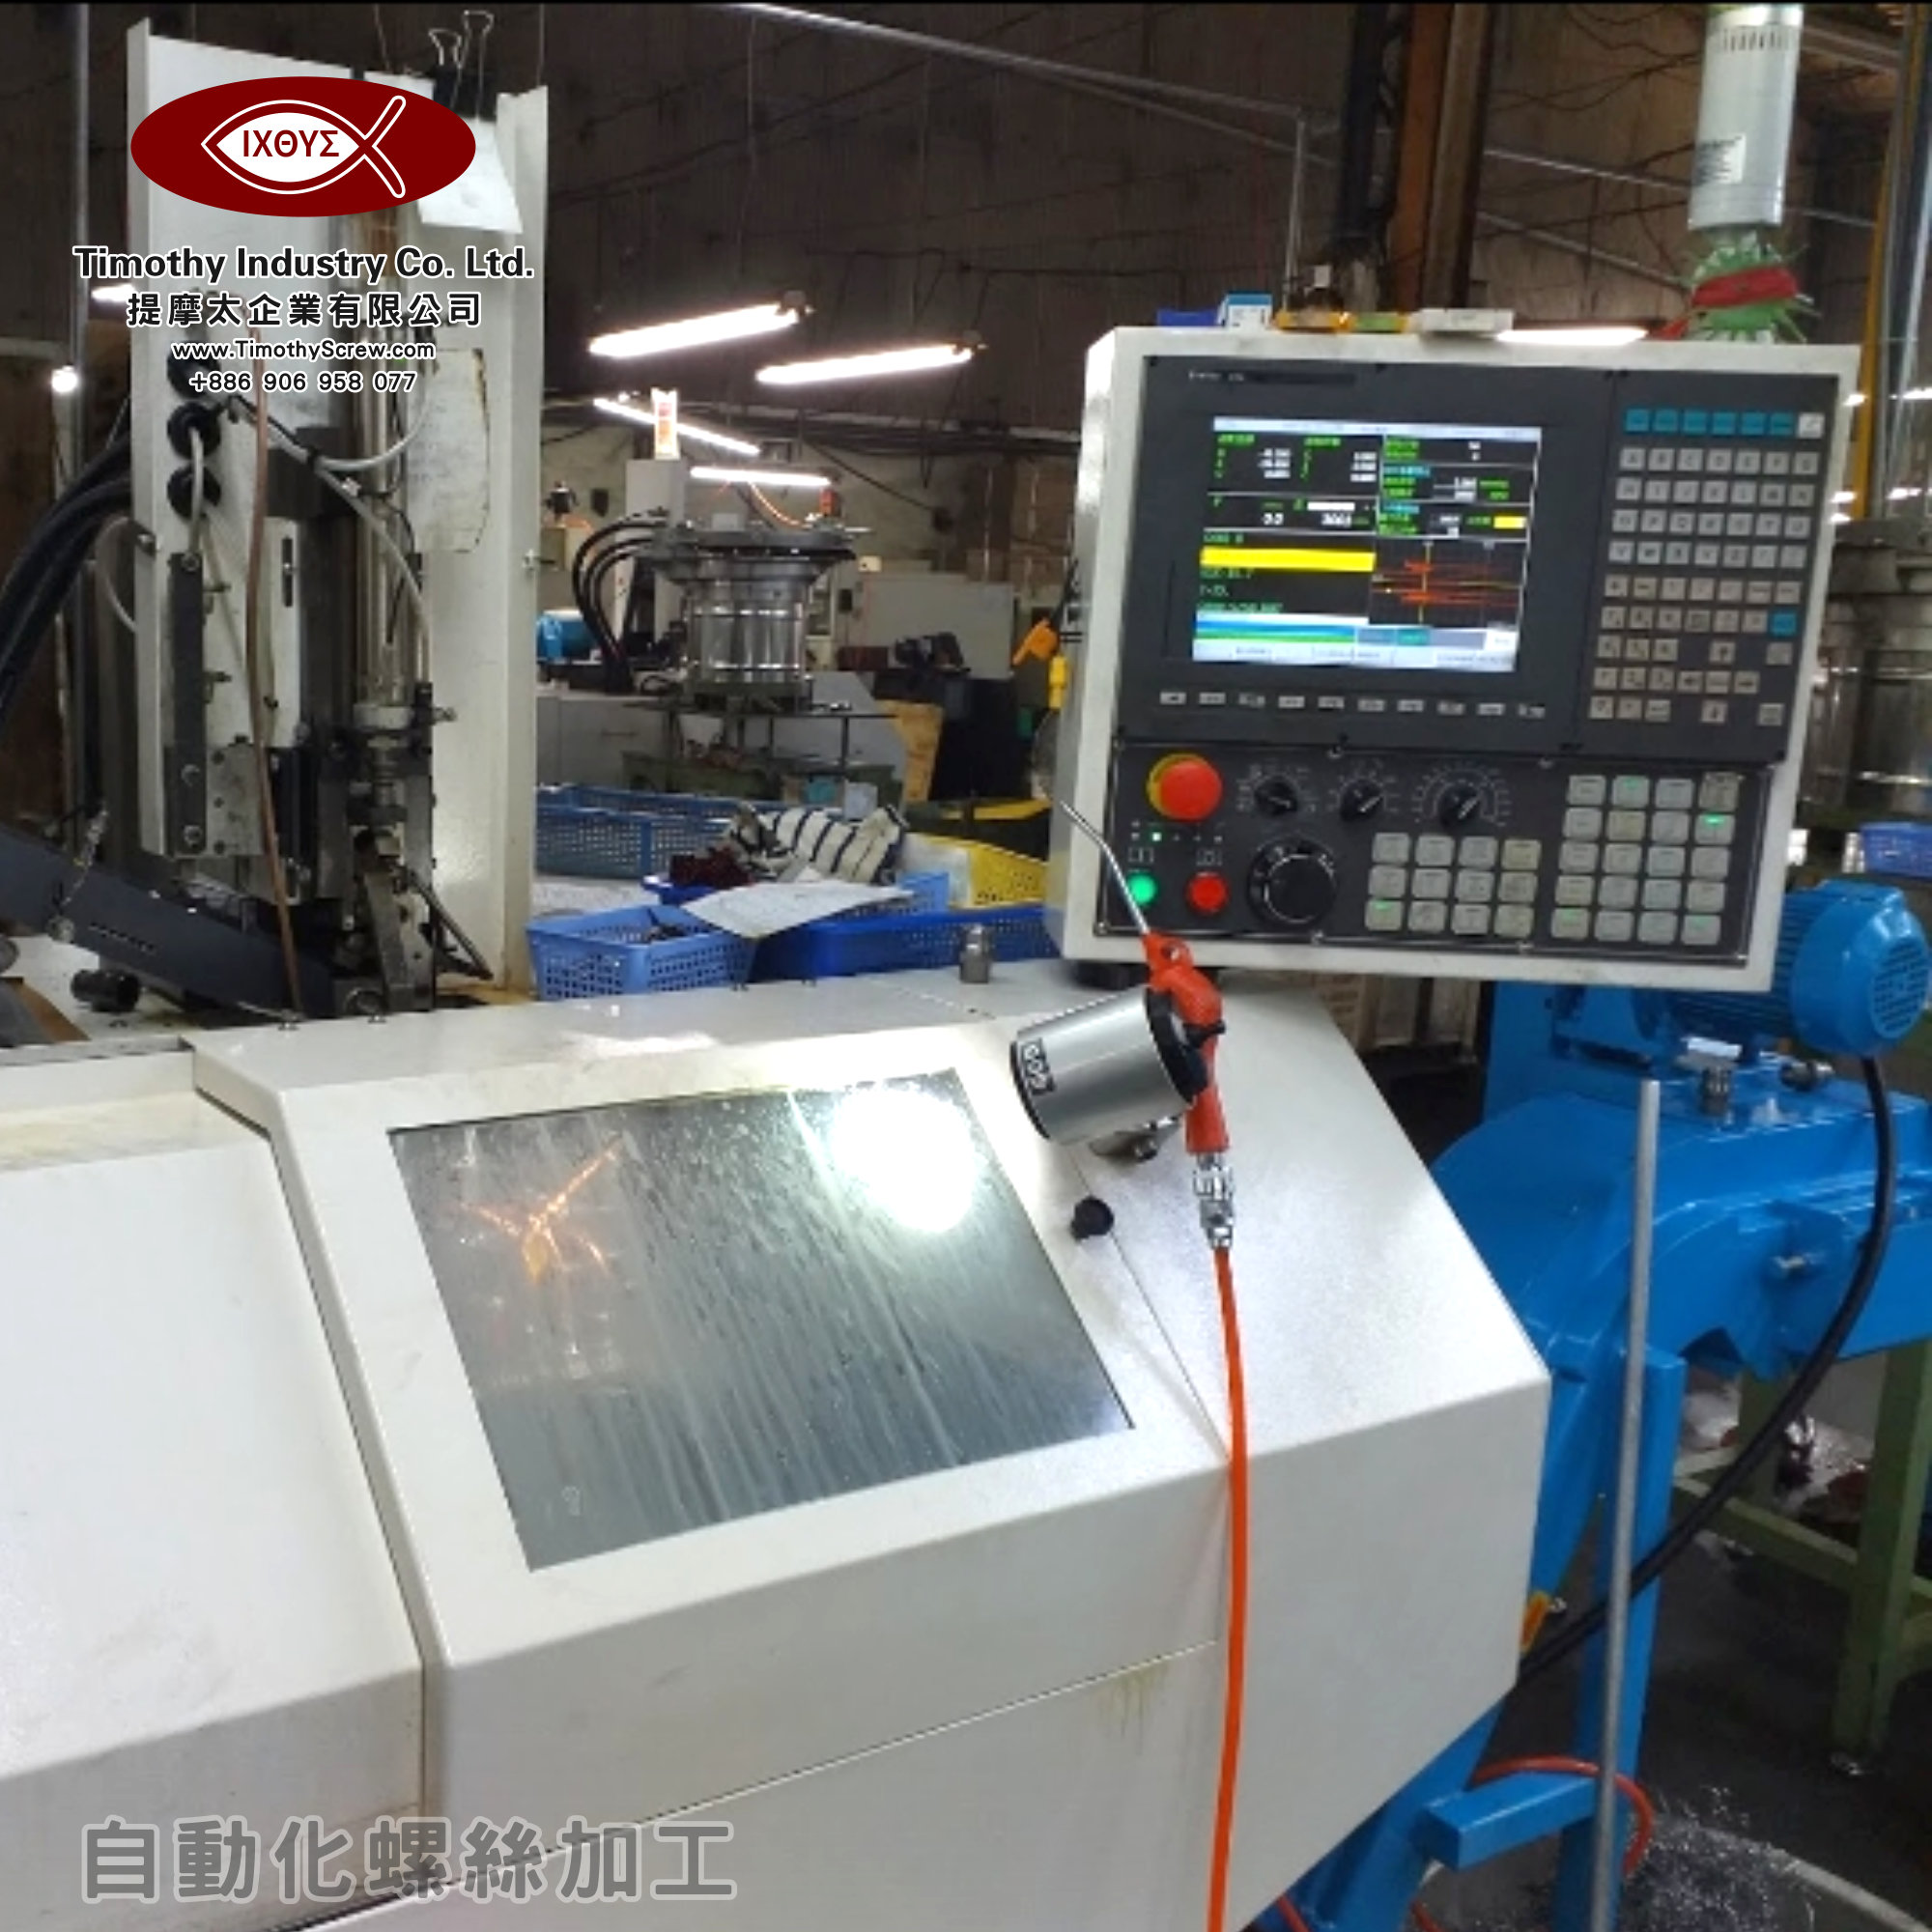 提摩太企業有限公司 Timothy Industry Co Ltd 自動化螺絲加工 車床部 銑床部 台灣自動化螺絲加工 螺絲製造 C02